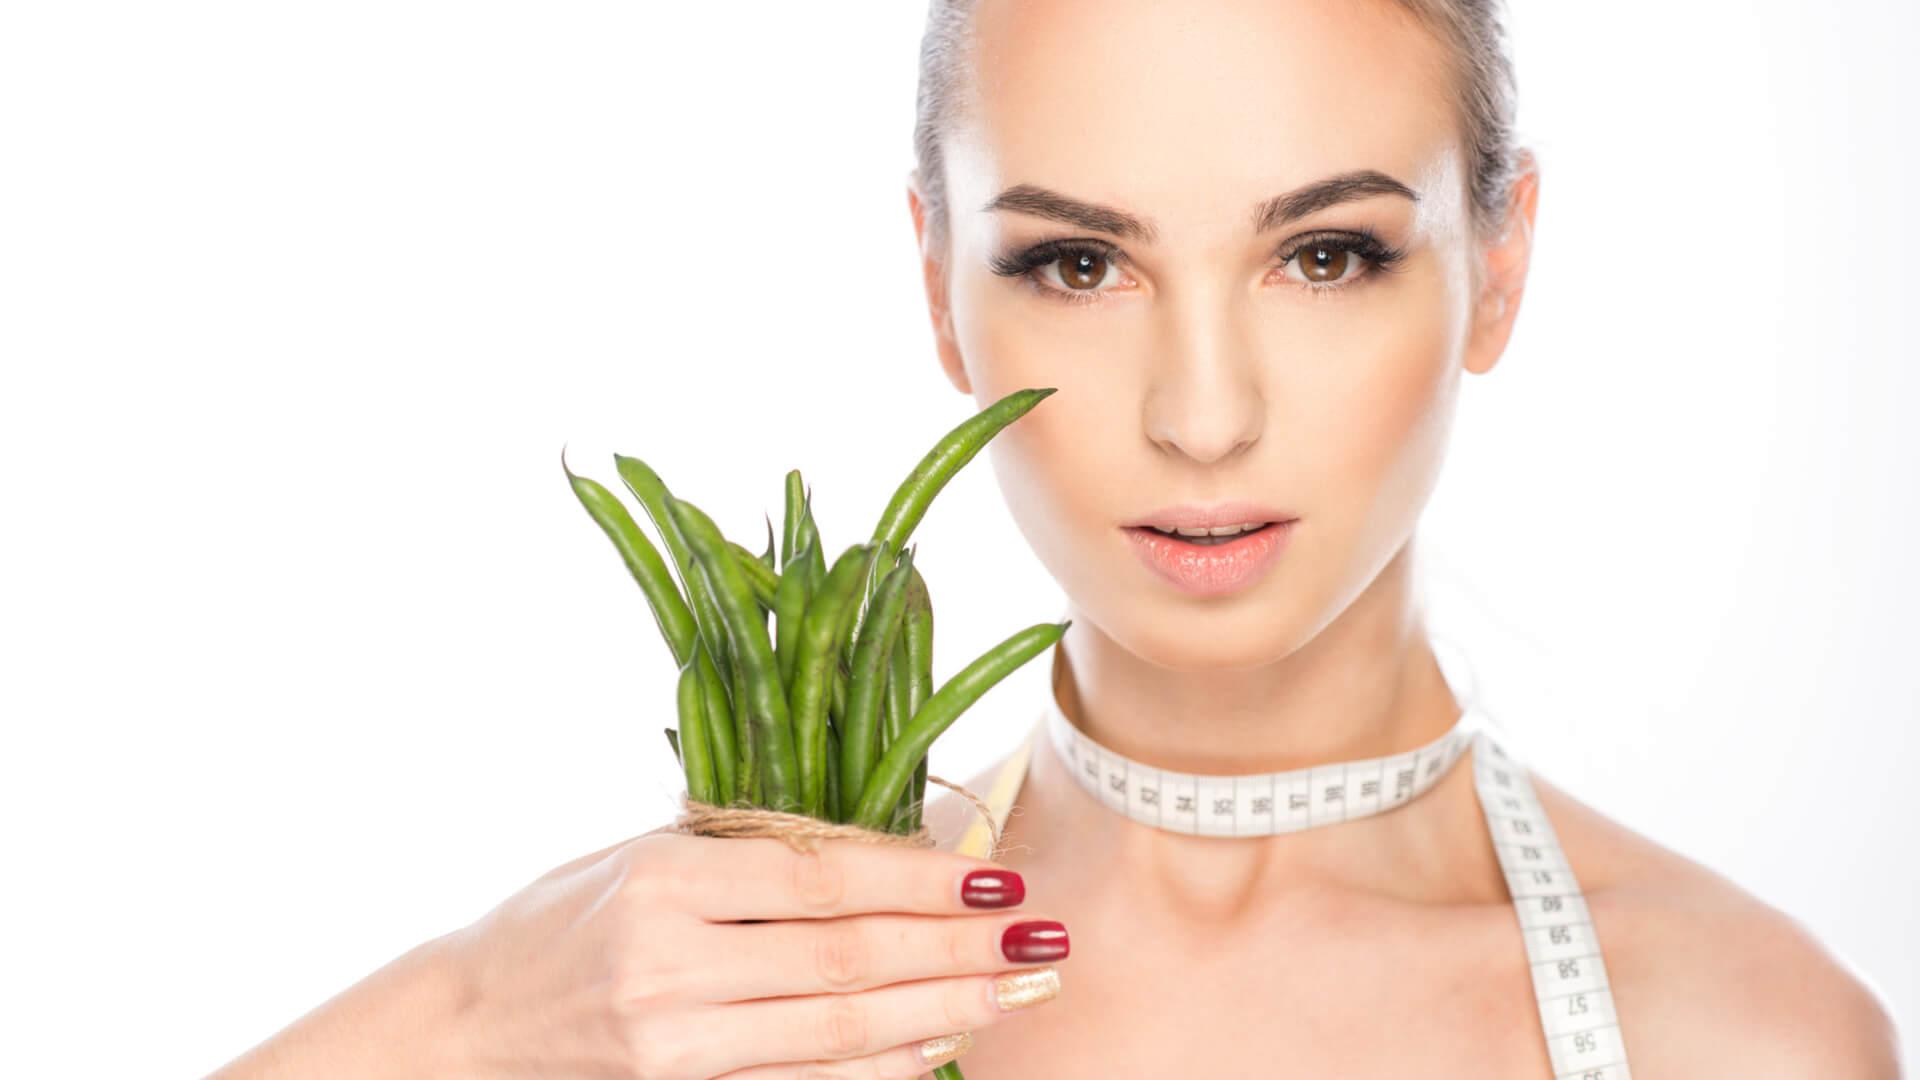 Reteta cu fasole verde gustoasa si dietetica 5